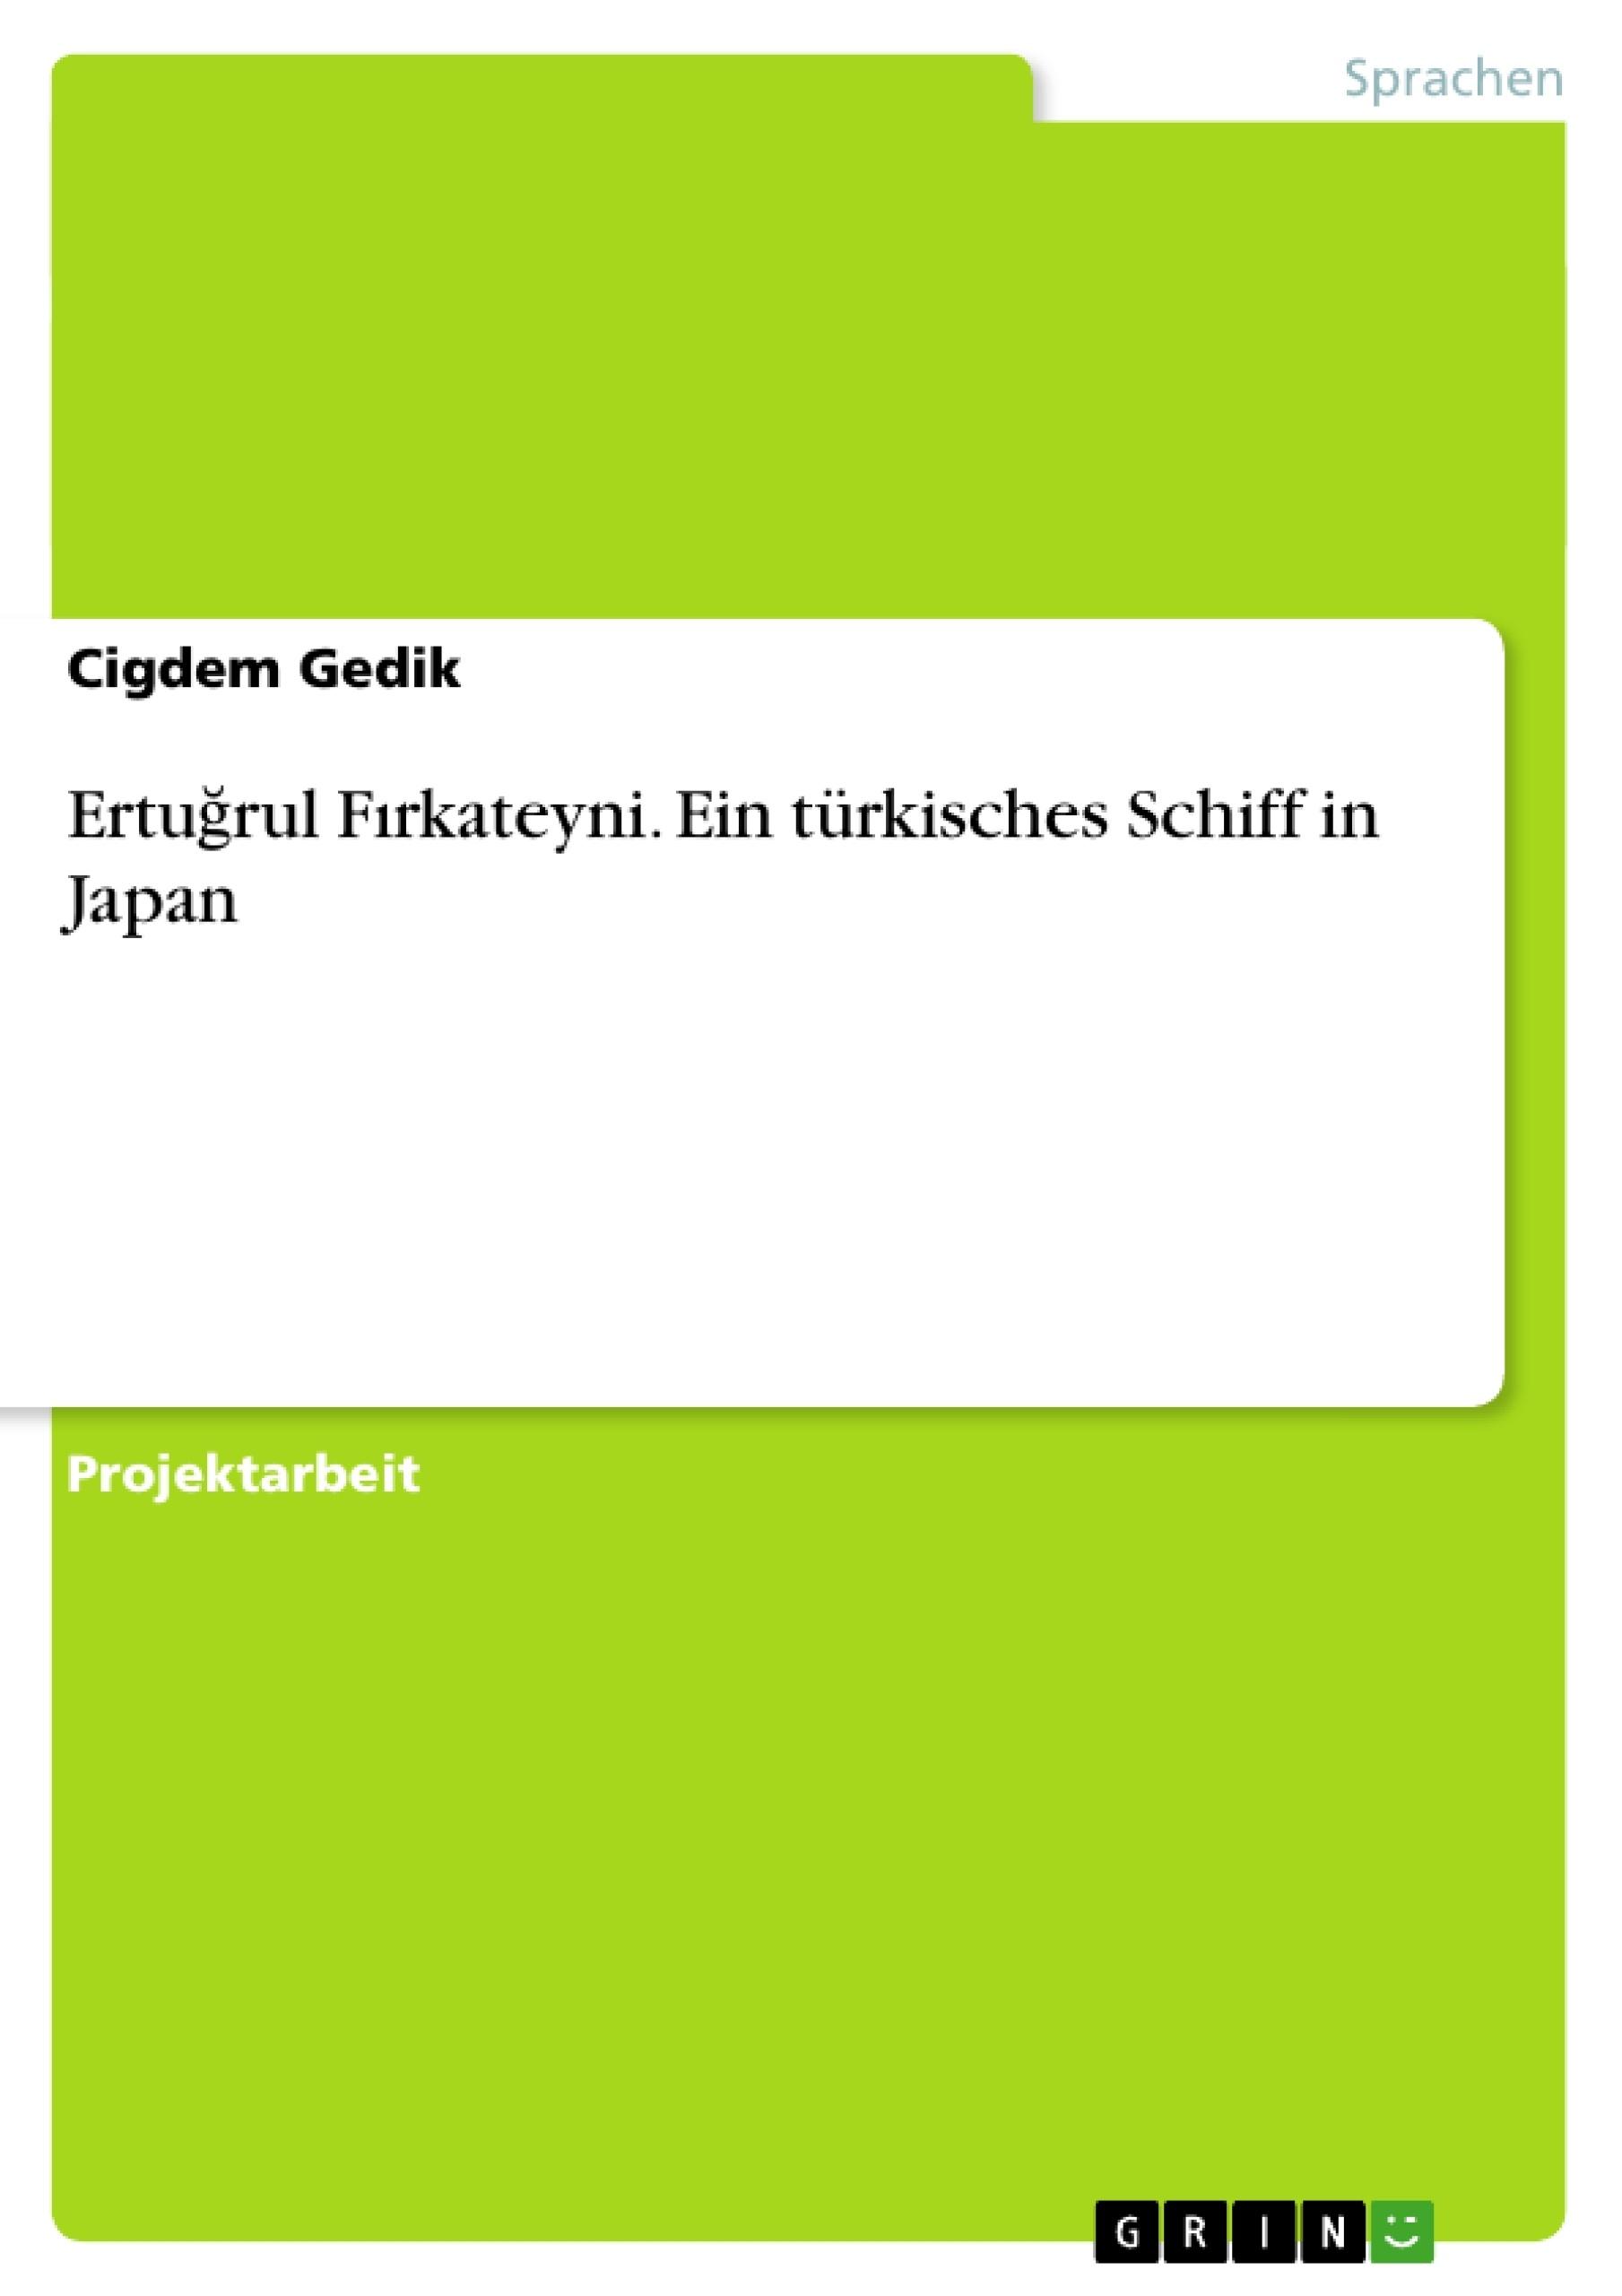 Titel: Ertuğrul Fırkateyni. Ein türkisches Schiff in Japan